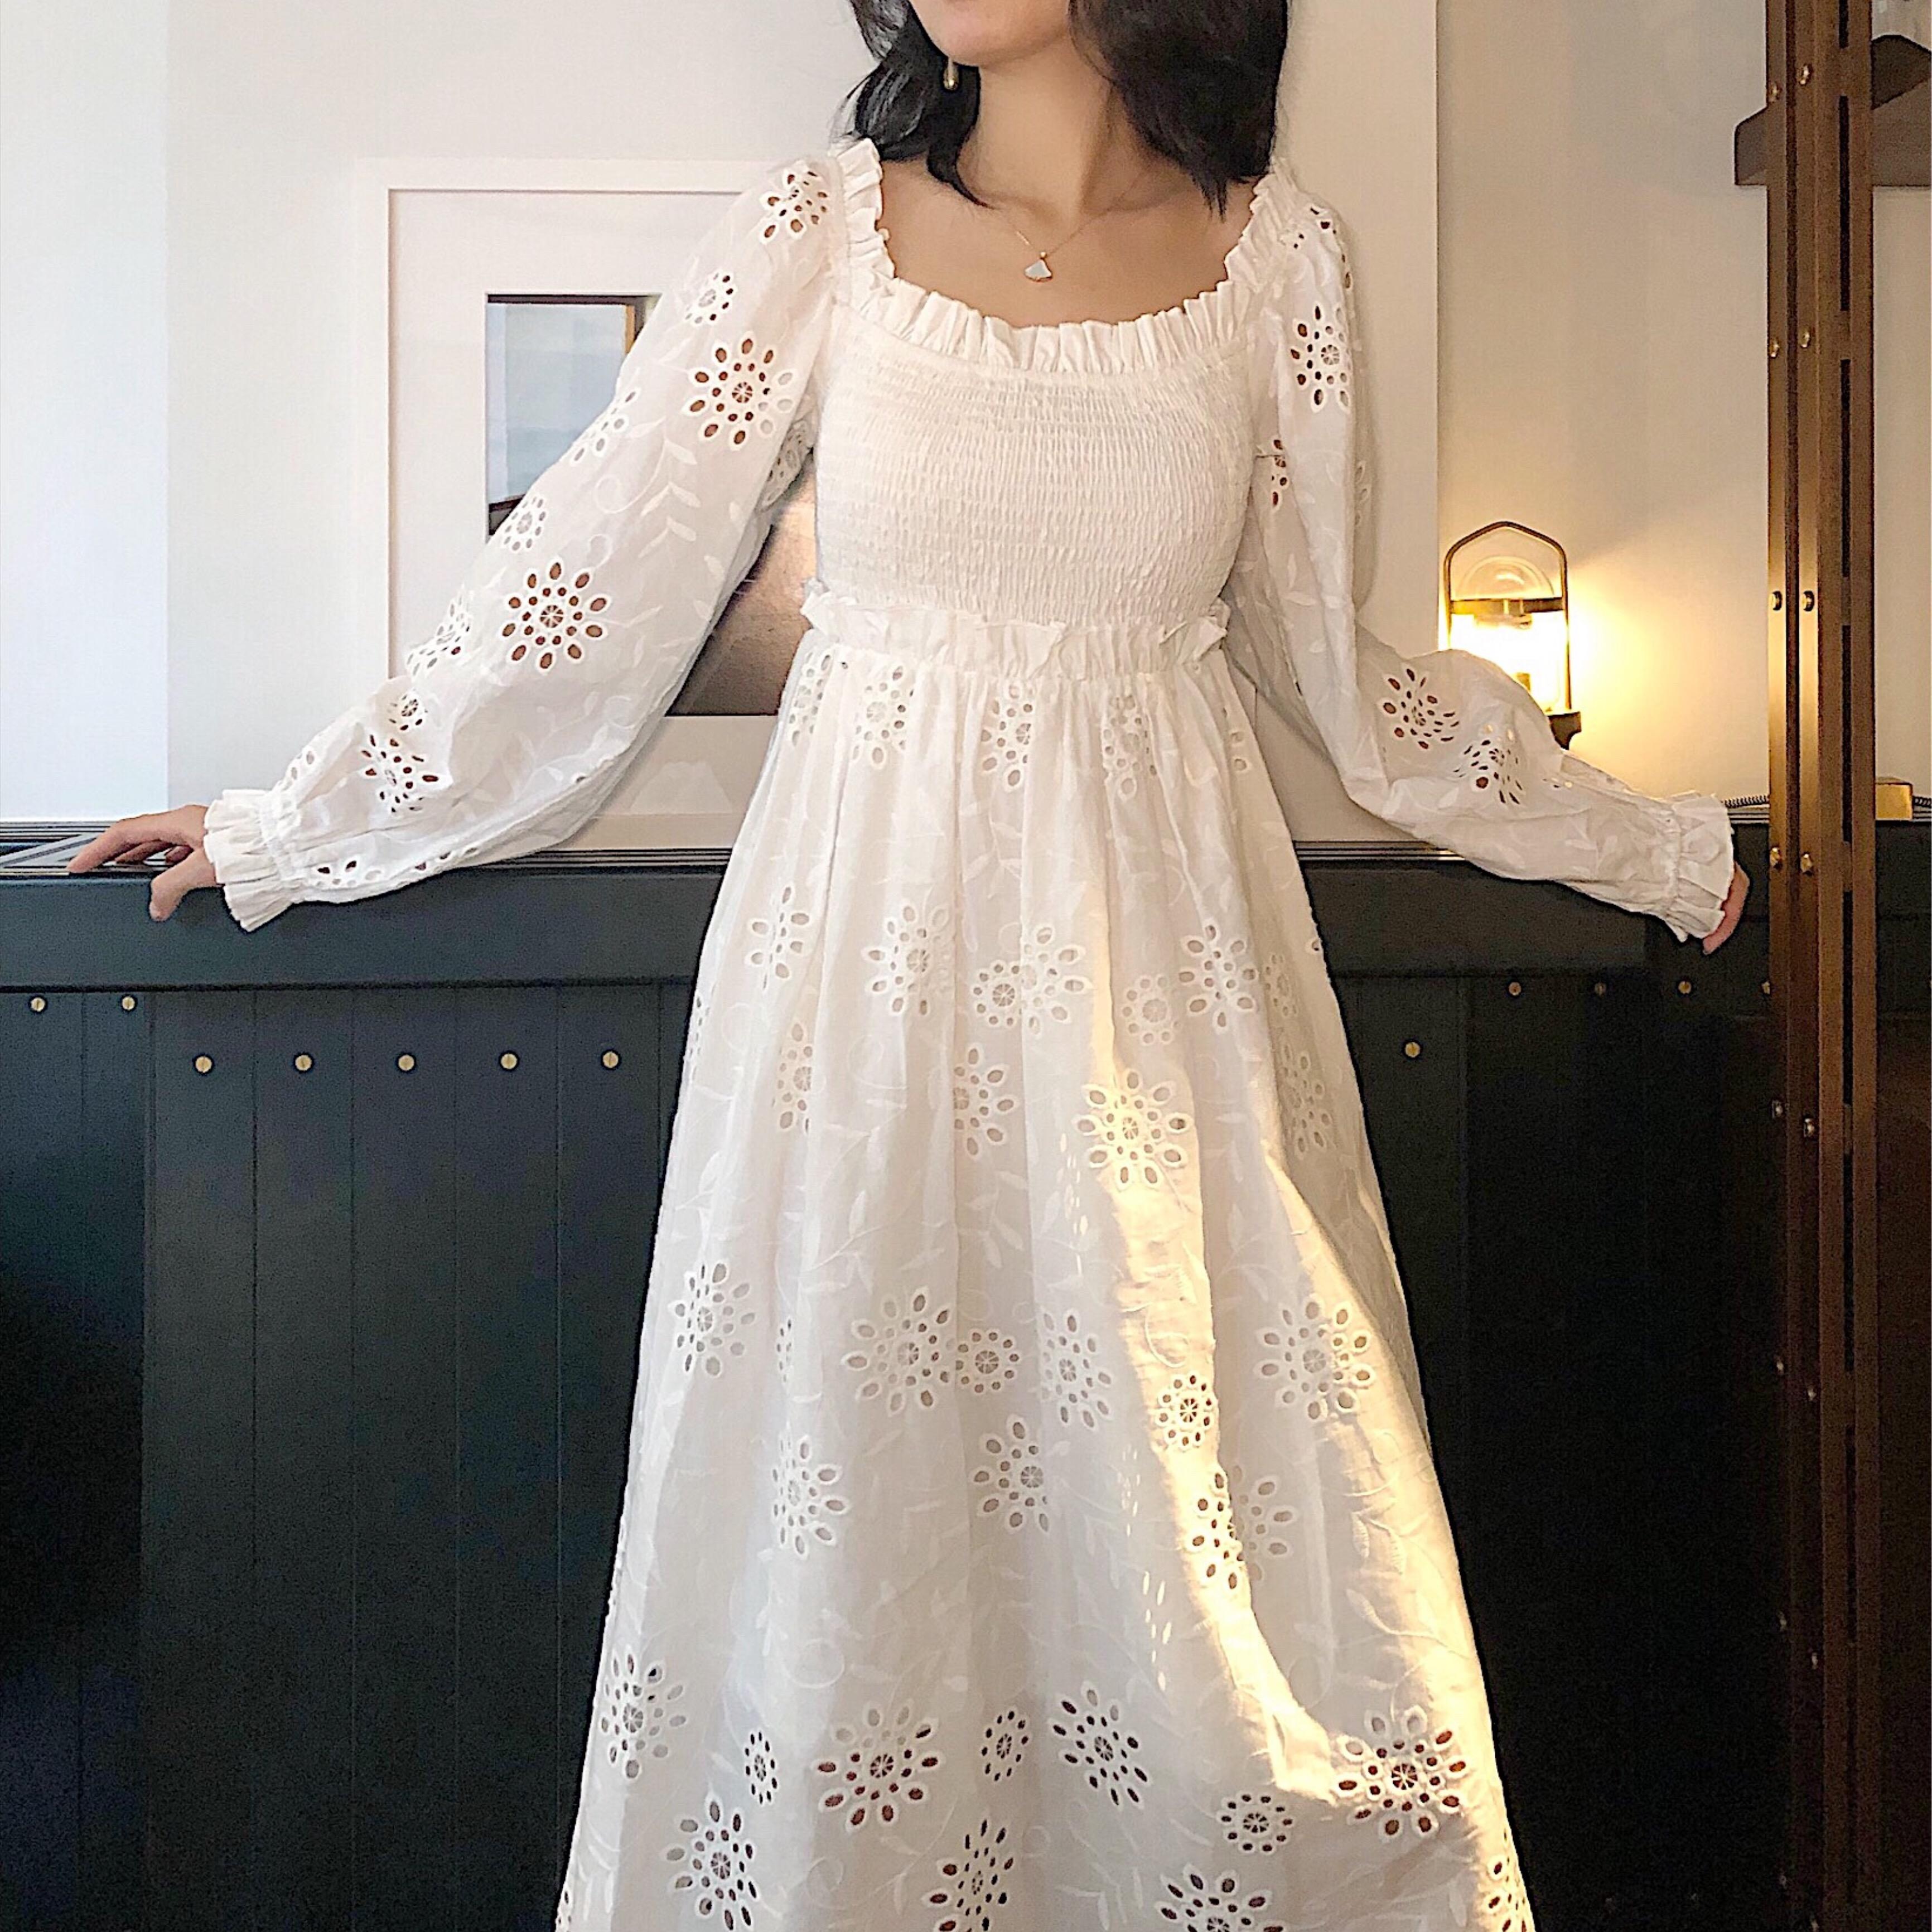 西柚漫步2019春夏度假风新款白色纯棉刺绣镂空宽松仙气连衣裙中长